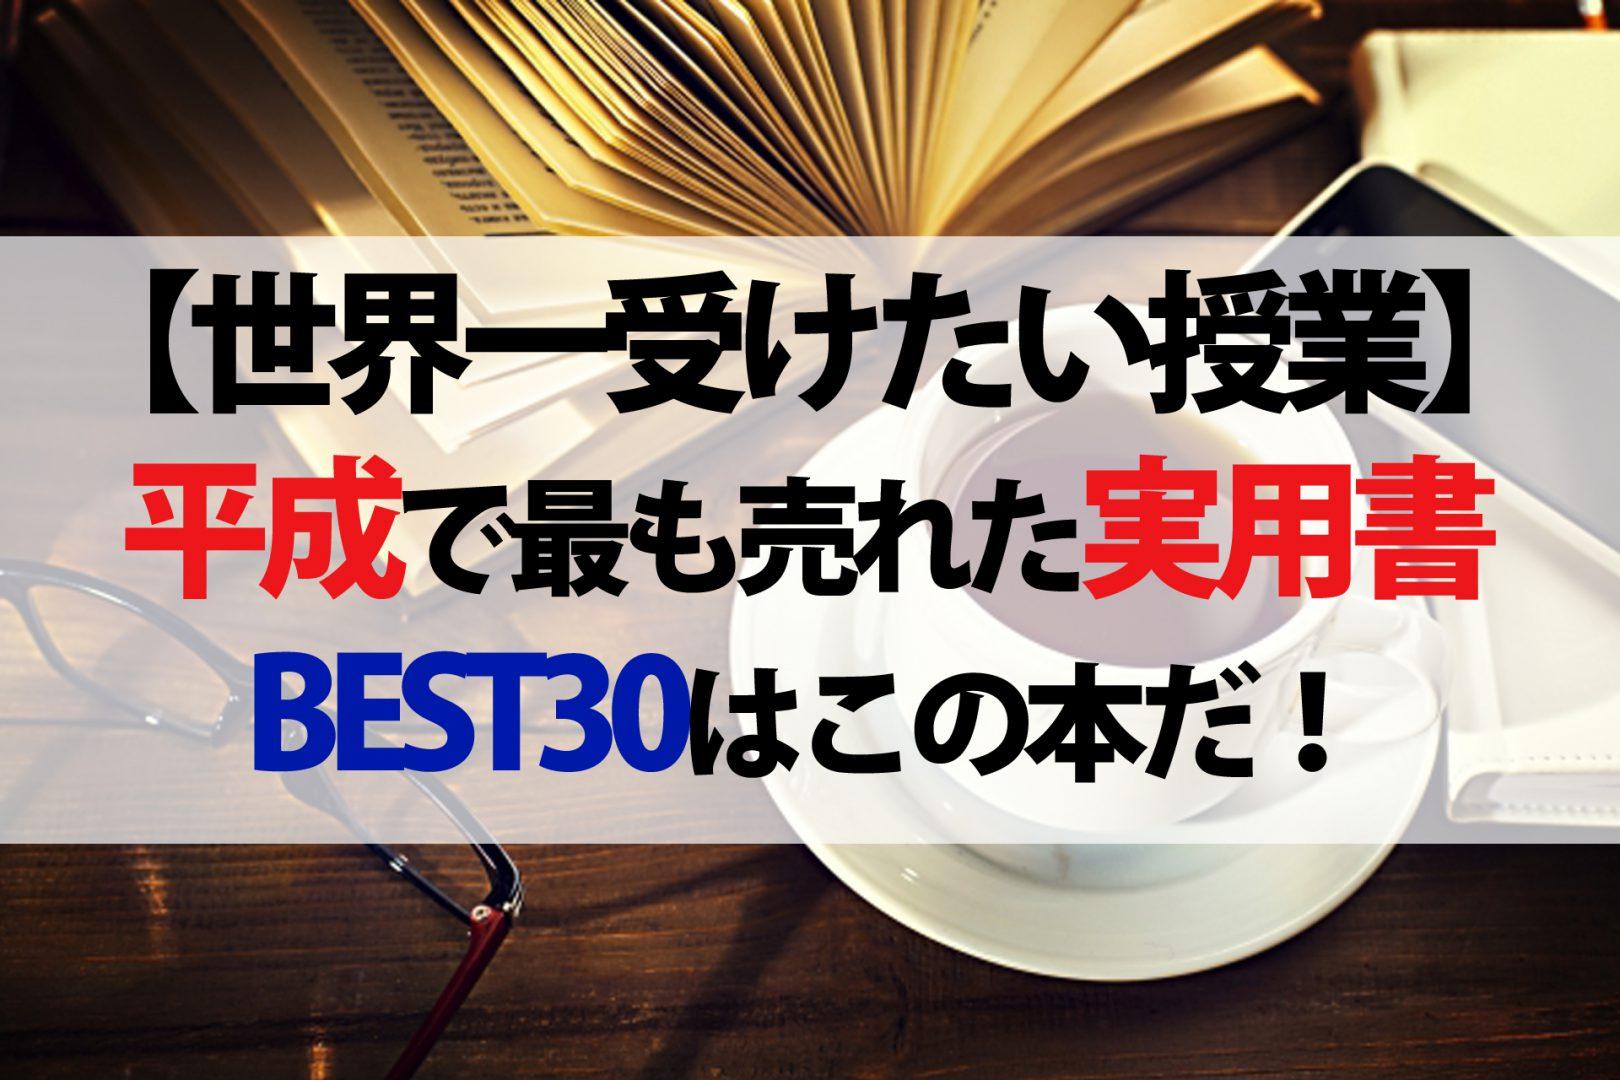 【世界一受けたい授業】平成で最も売れた実用書ベストセラ―ランキングベスト30はこの本だ!